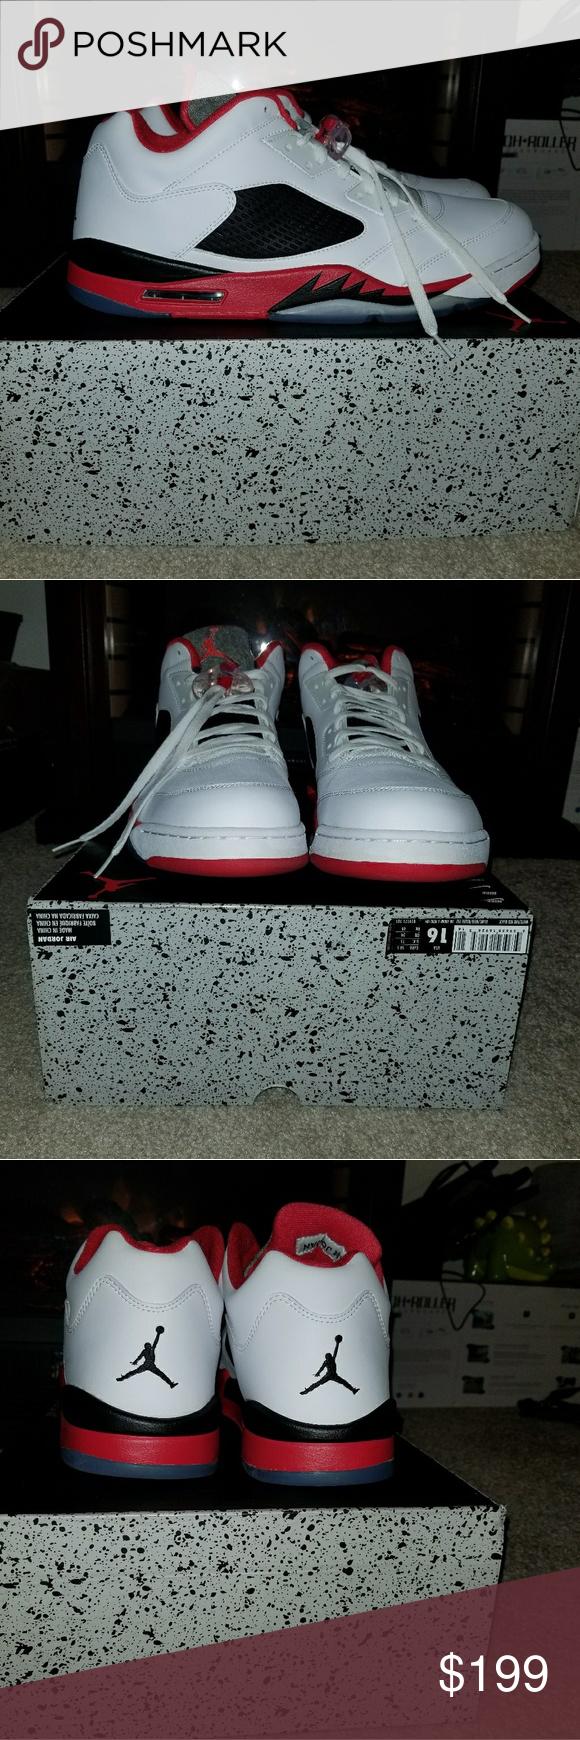 outlet store 7faad 1a4d2 Nike Air Jordan 5 V Retro low White Fire Red 81917 Nike Air Jordan 5 V  Retro low White Fire Red 819171-101 New Size 16 Air Jordan Shoes Sneakers